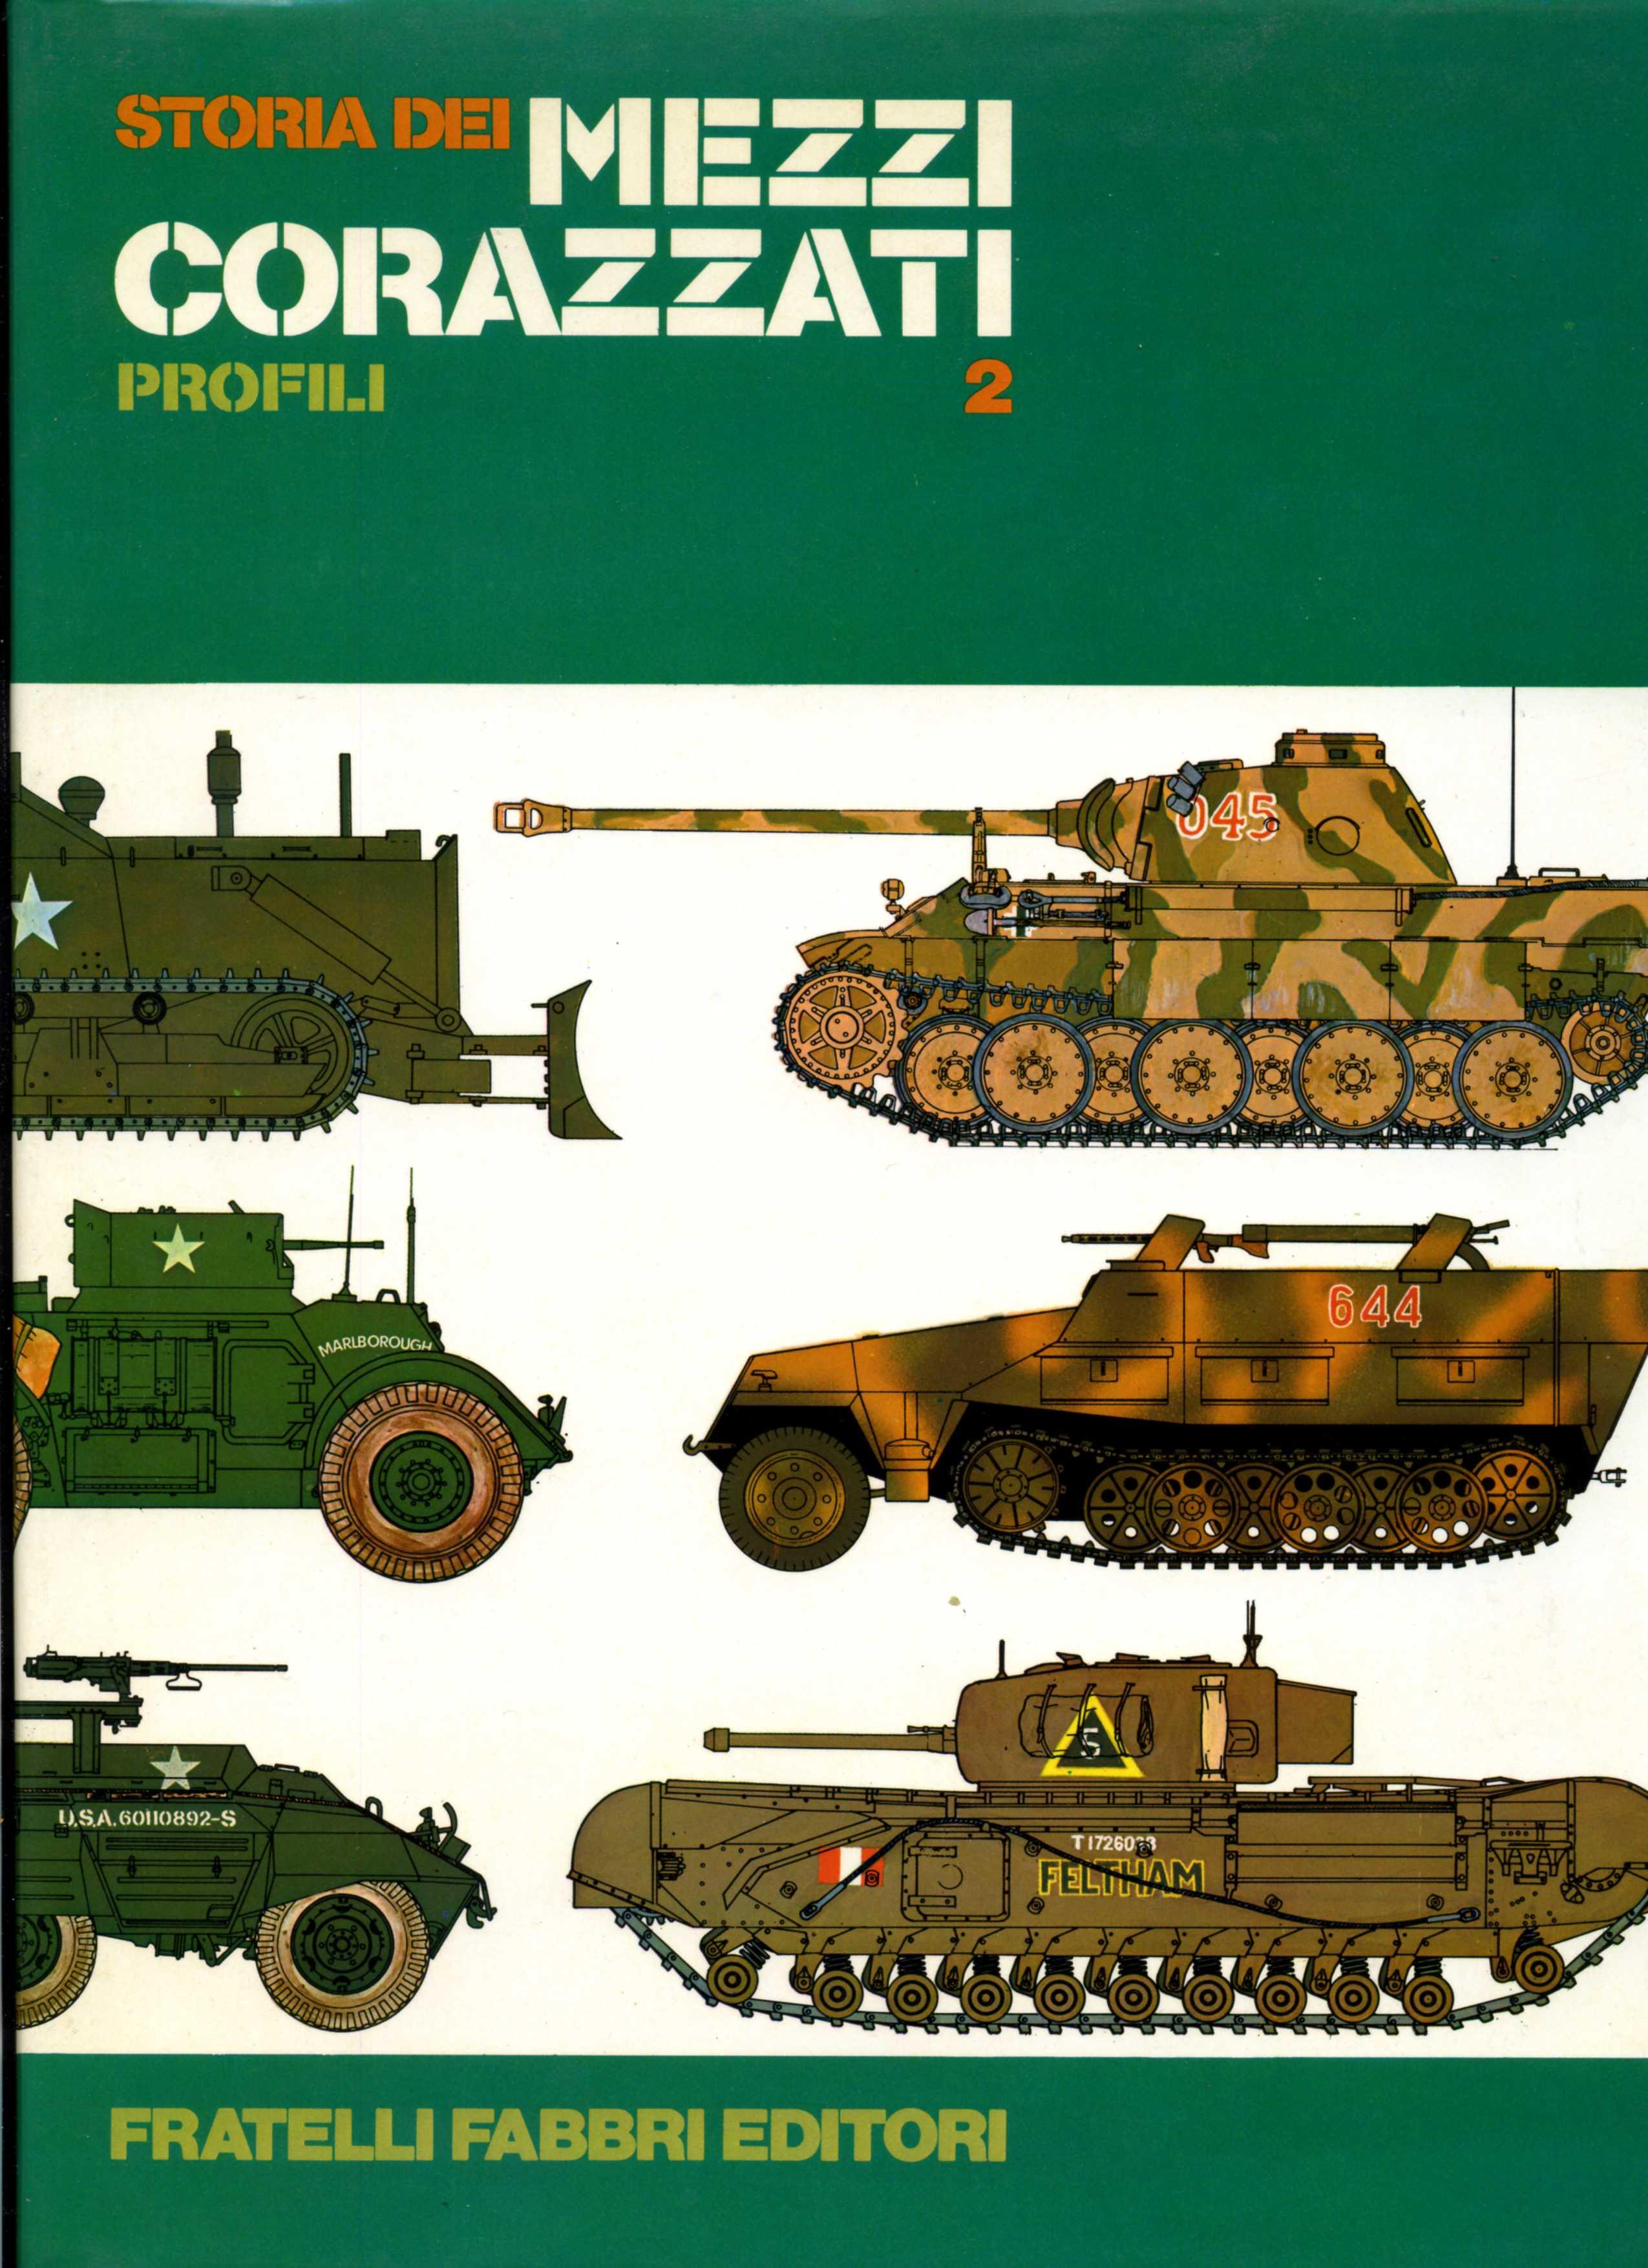 Storia dei mezzi corazzati vol.2 - Profili